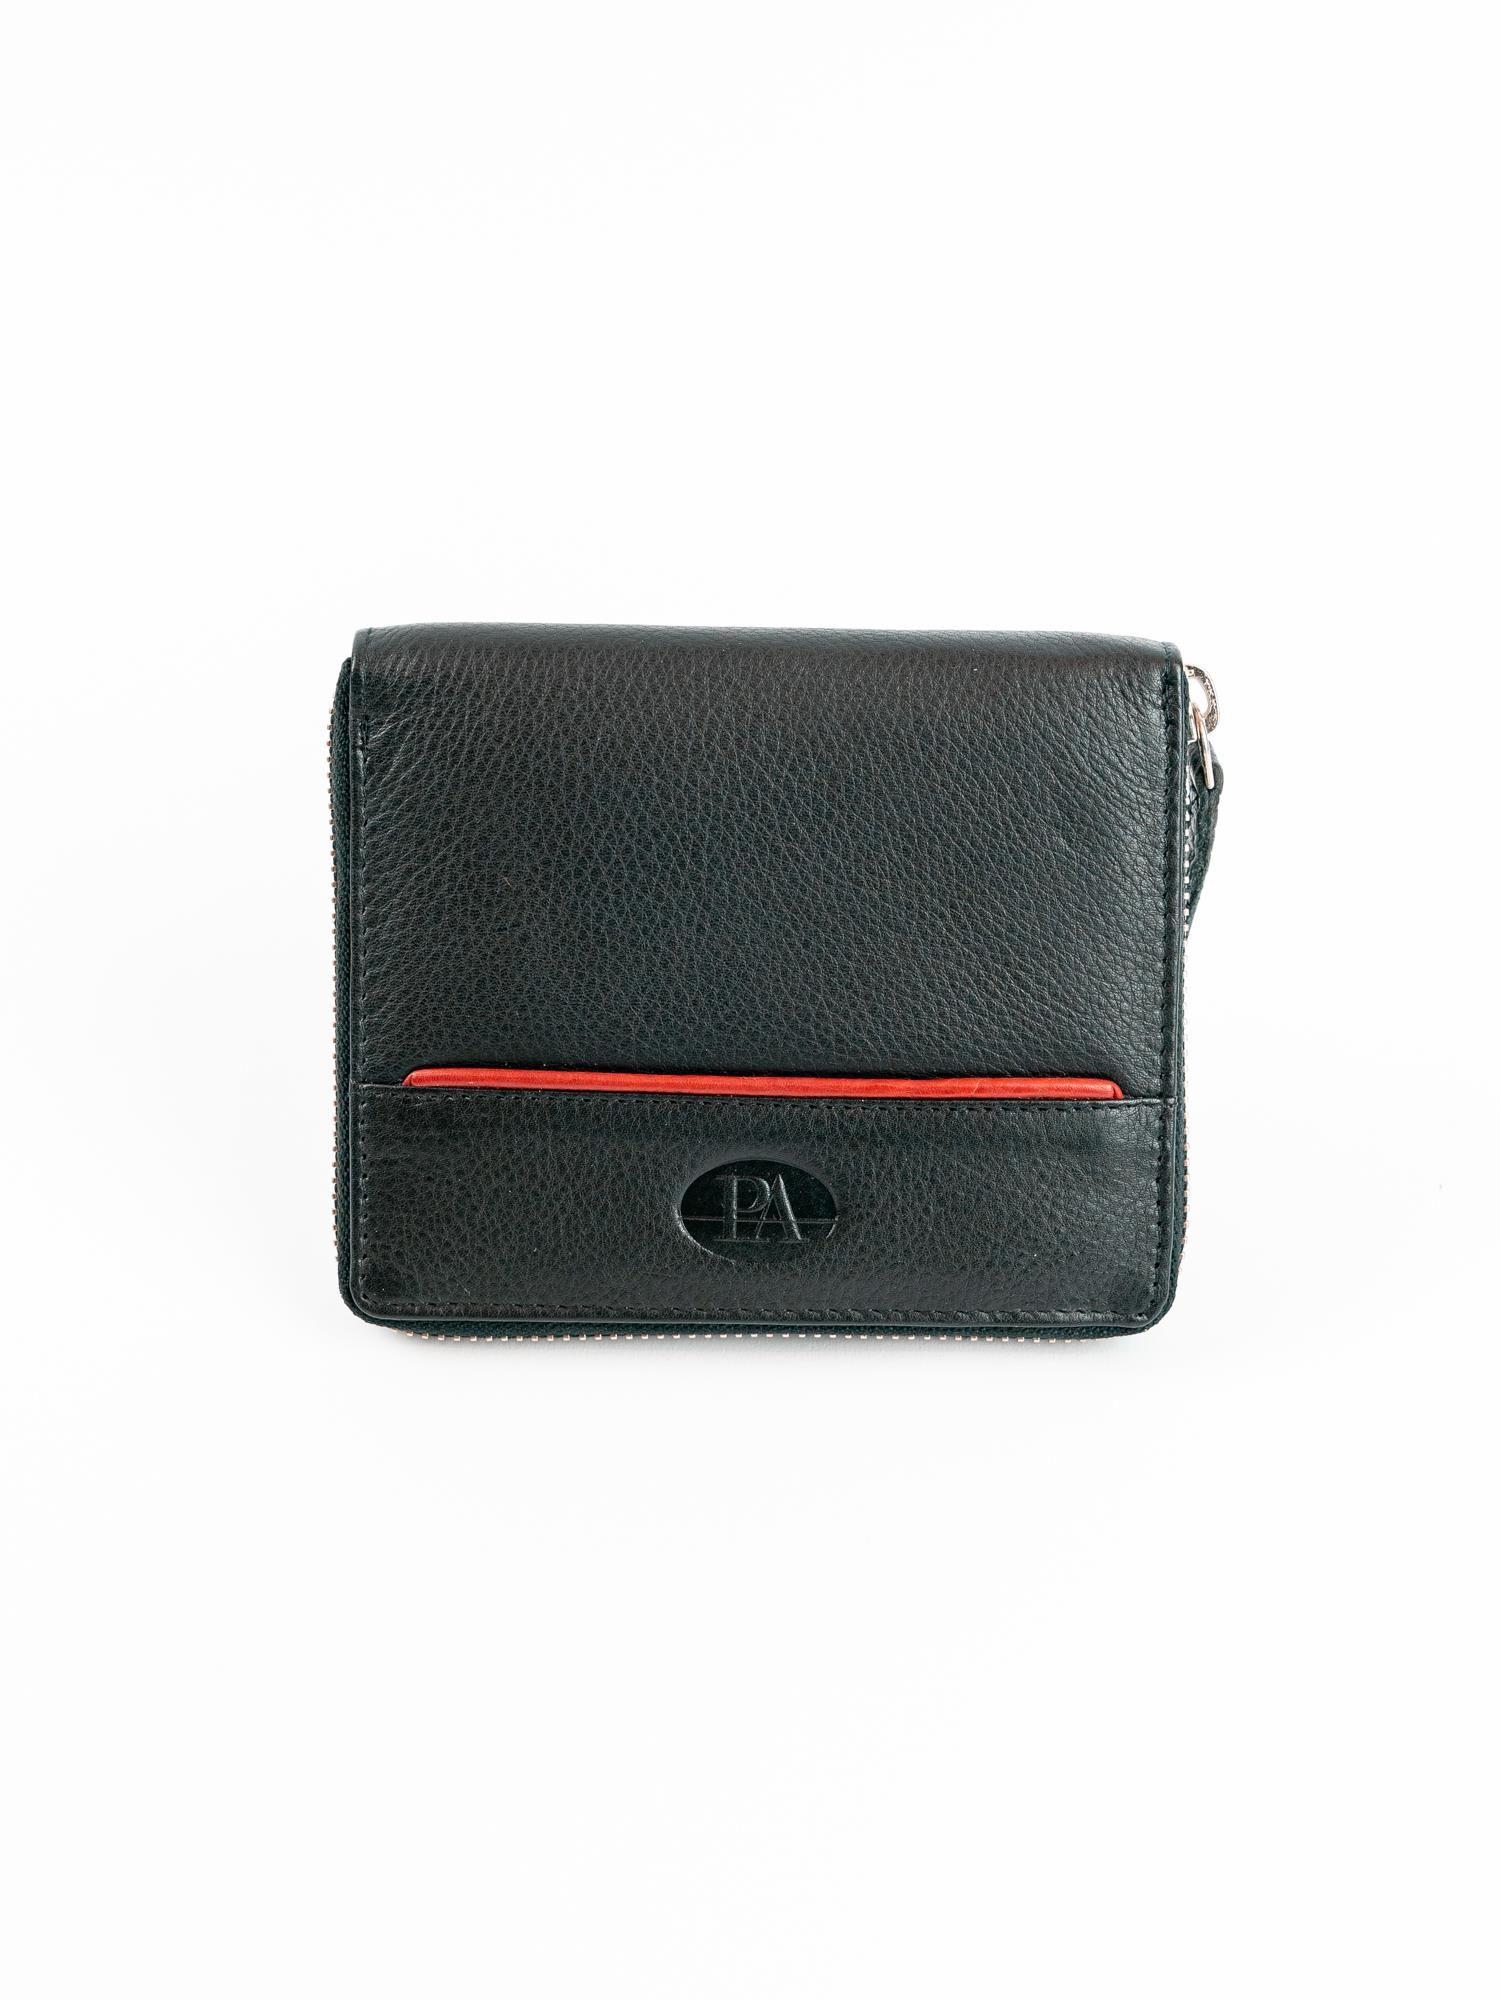 1c0f8d672f360 Czarny męski portfel ze skóry na suwak - Mężczyźni portfel męski ...